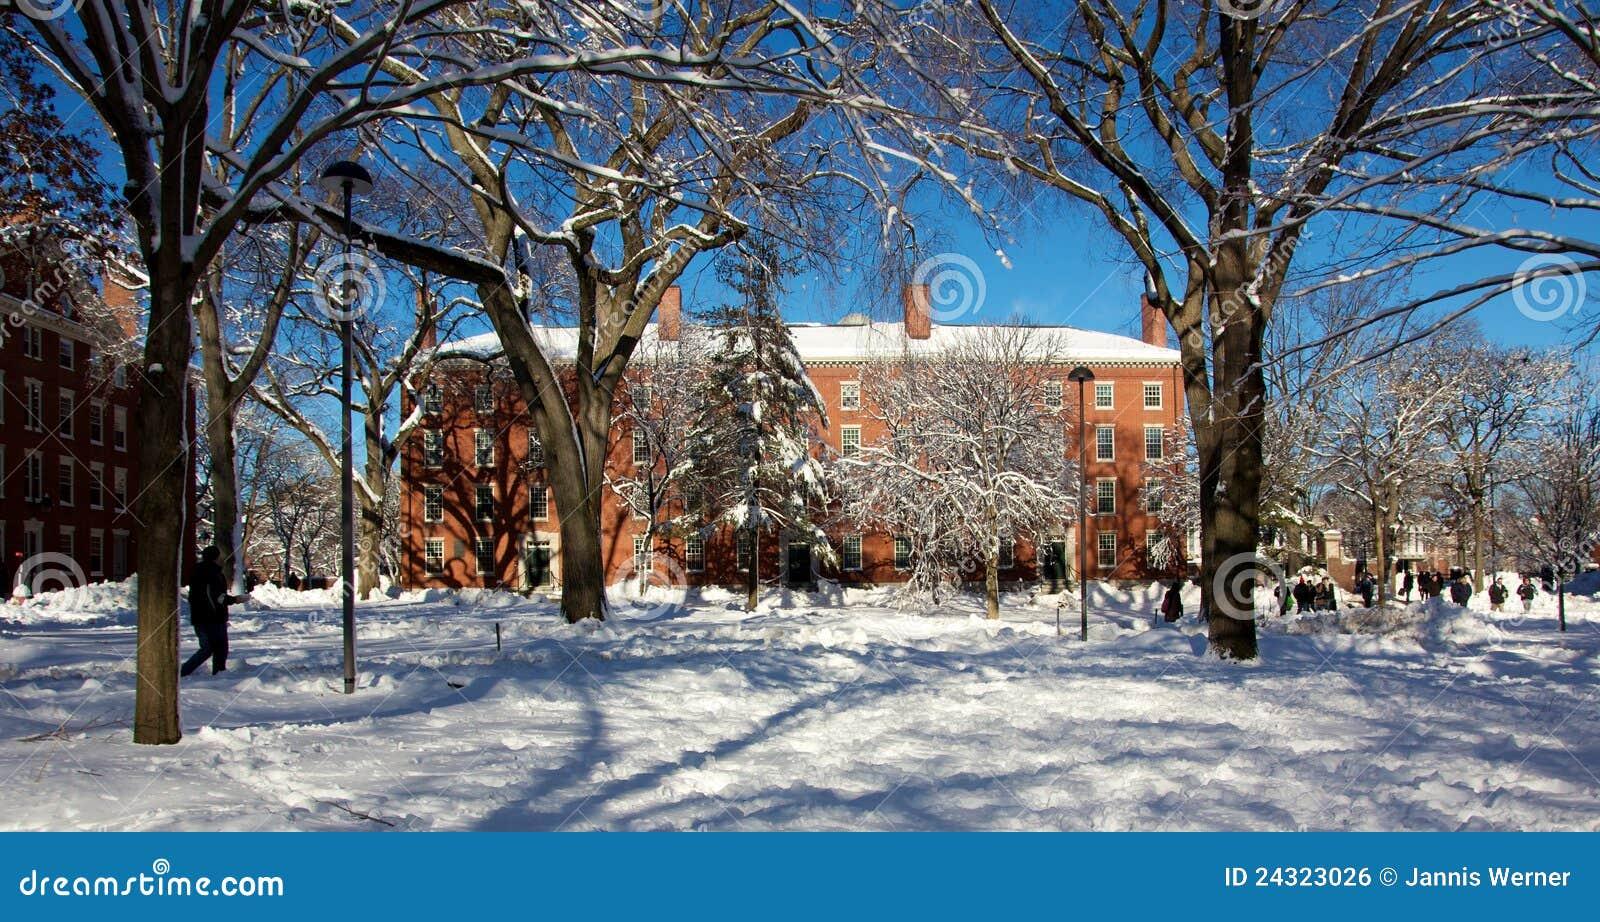 Kampusu dorm Harvard śniegu burzy uniwersytet